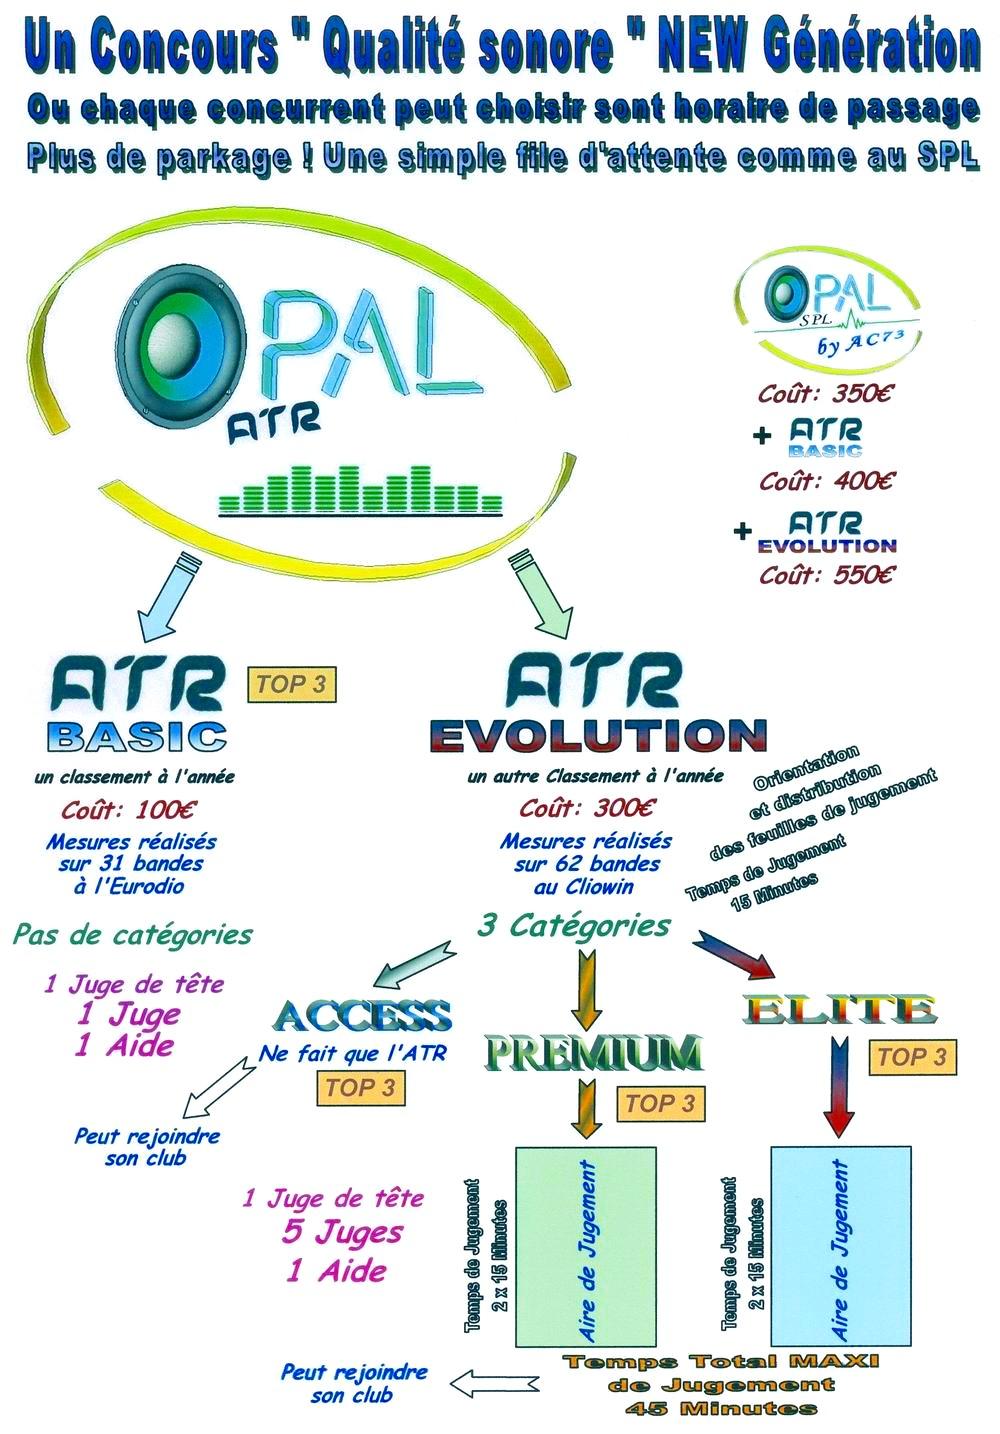 Reunion des concurrents a propos de l'OPAL ATR !!!! Descriptif